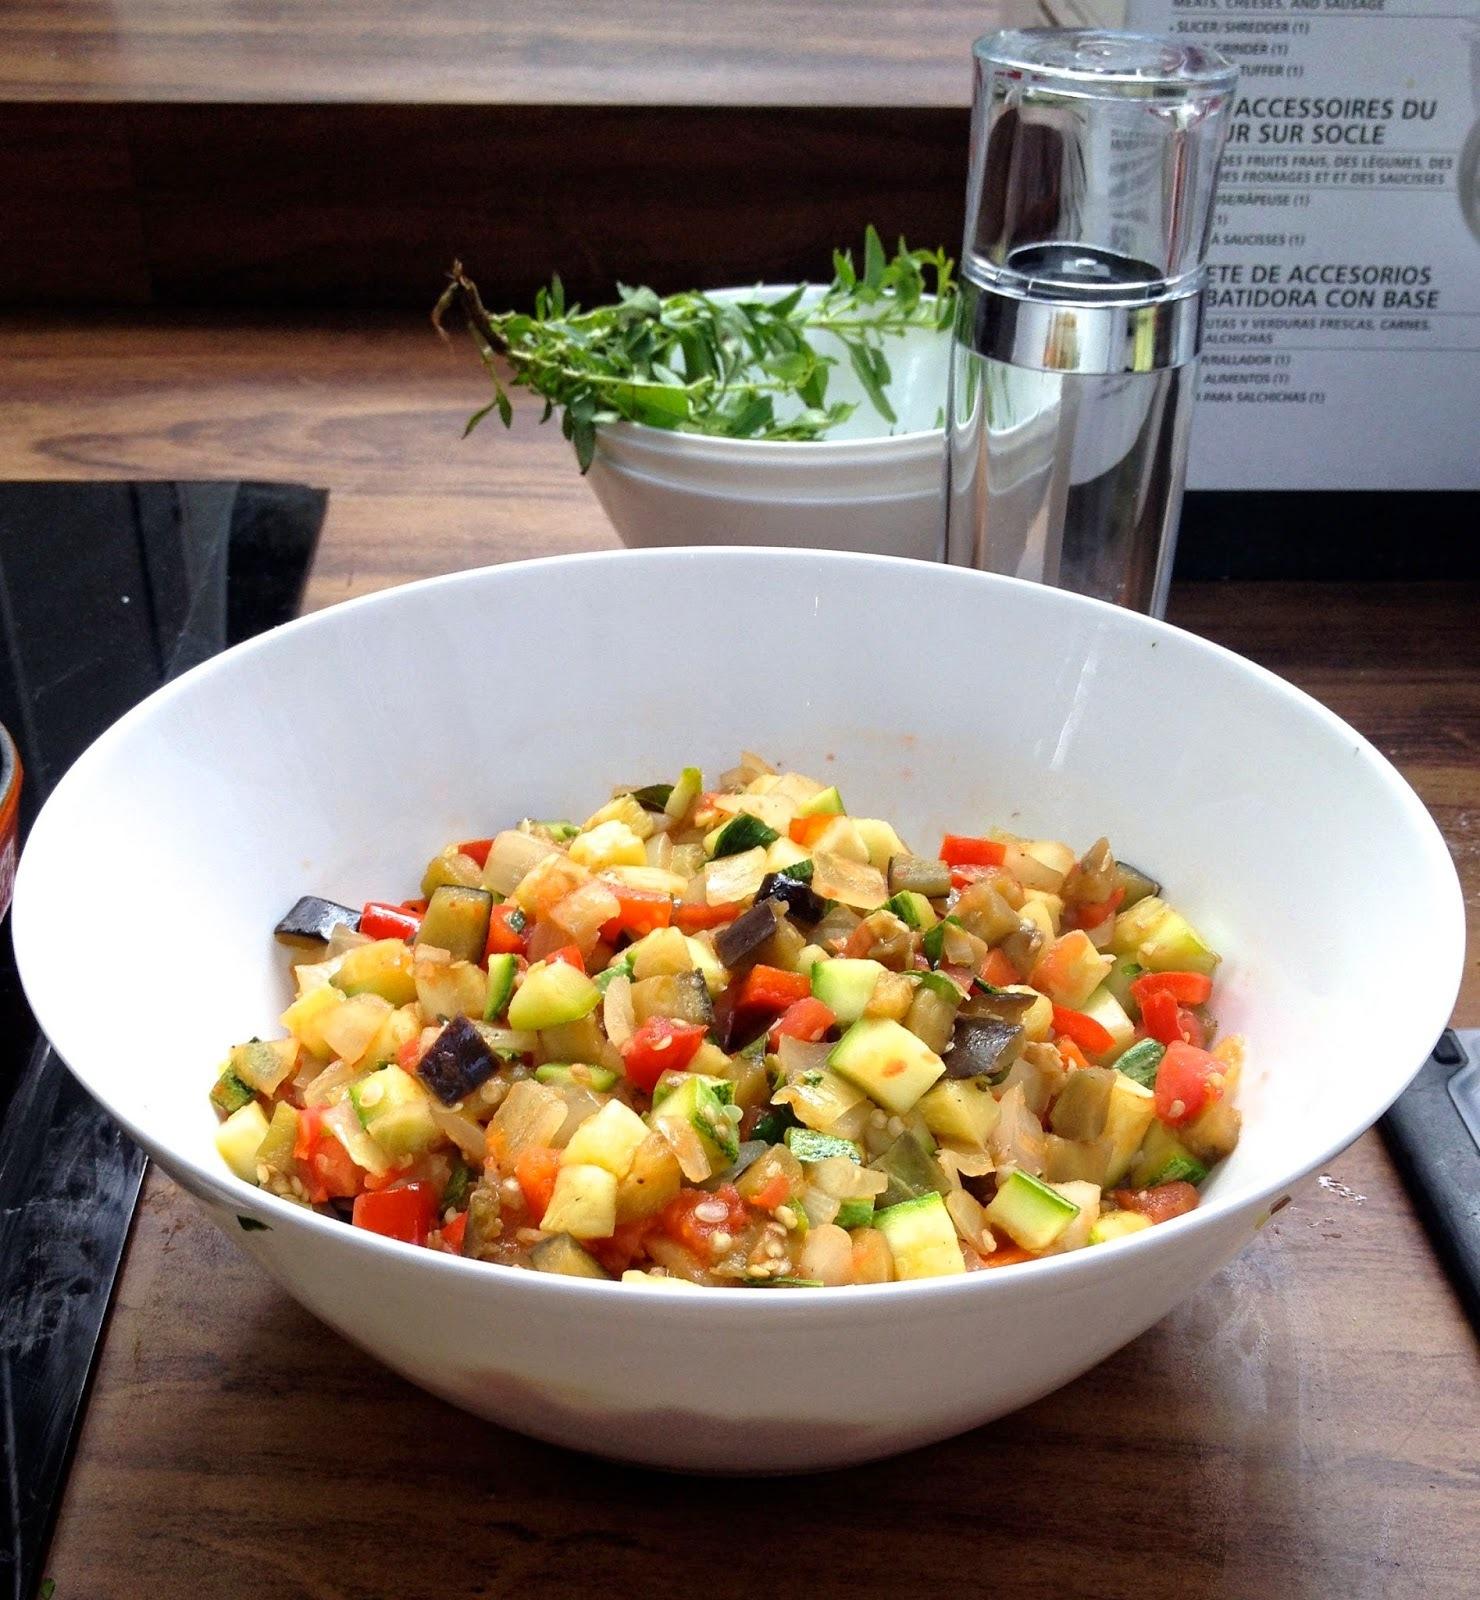 Salada de rúcula com ratatouille, tomatinhos e pesto